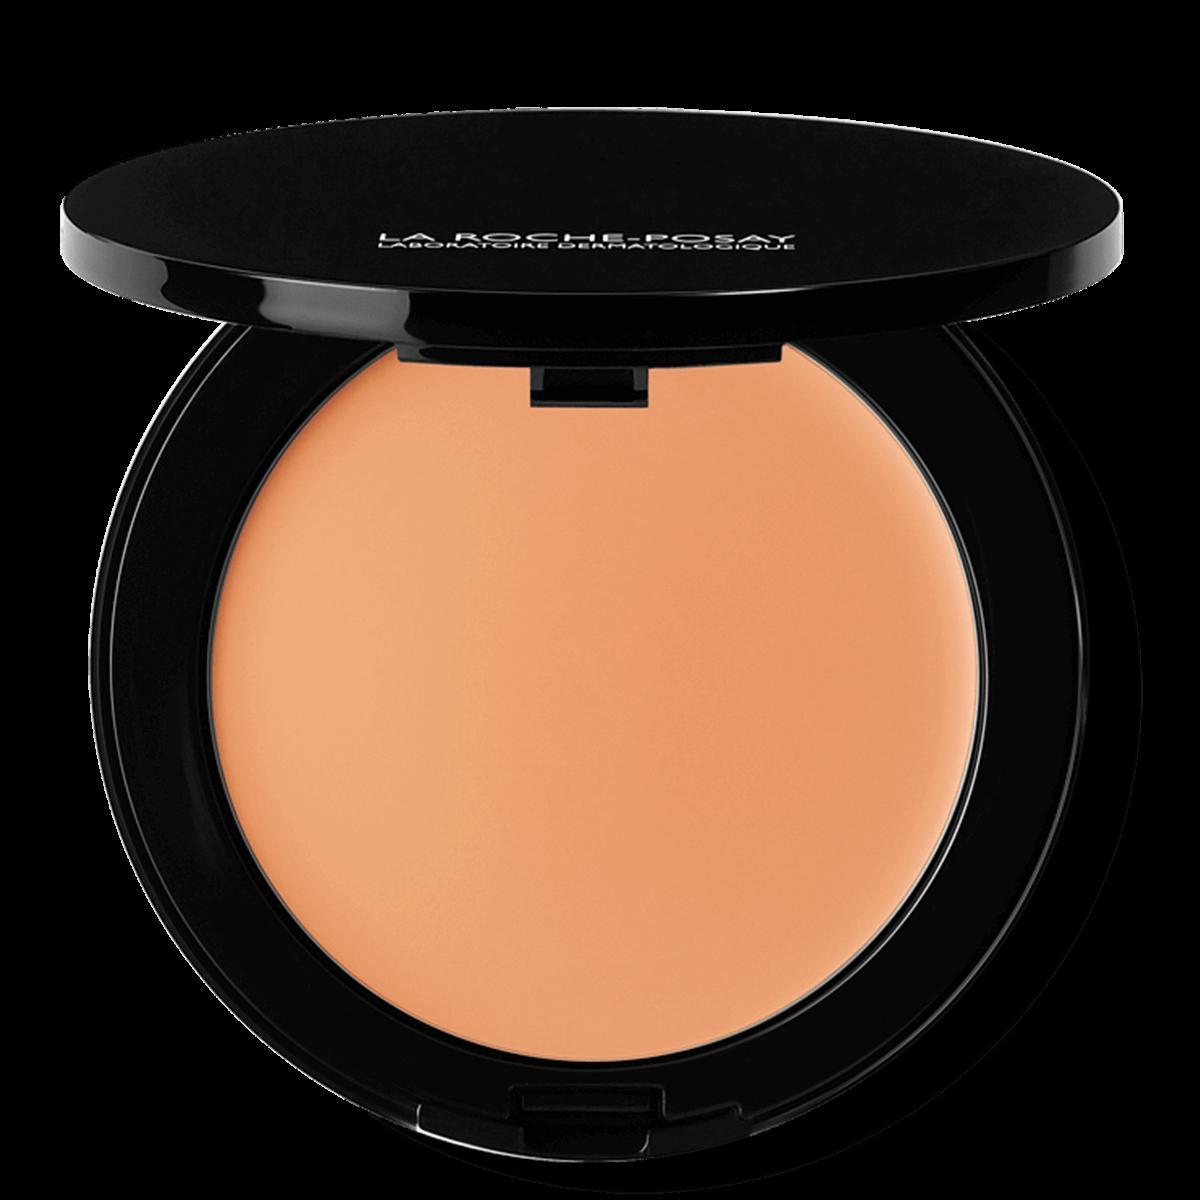 La Roche Posay Sensitive Toleriane Make up COMPACT_CREAM_13SandBeige 3